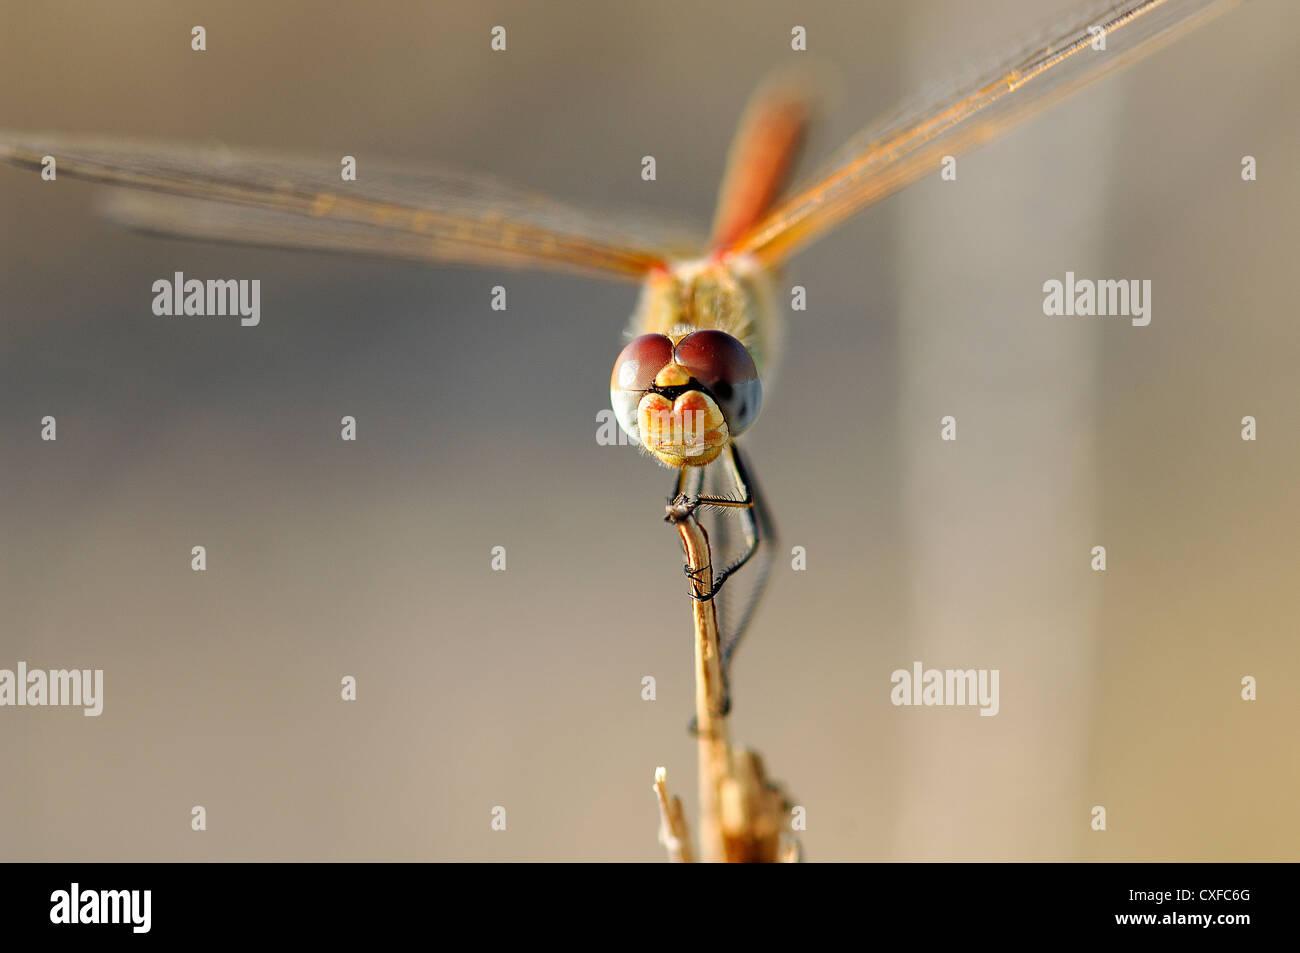 Libelle im sind natürliche Umwelt Stockbild